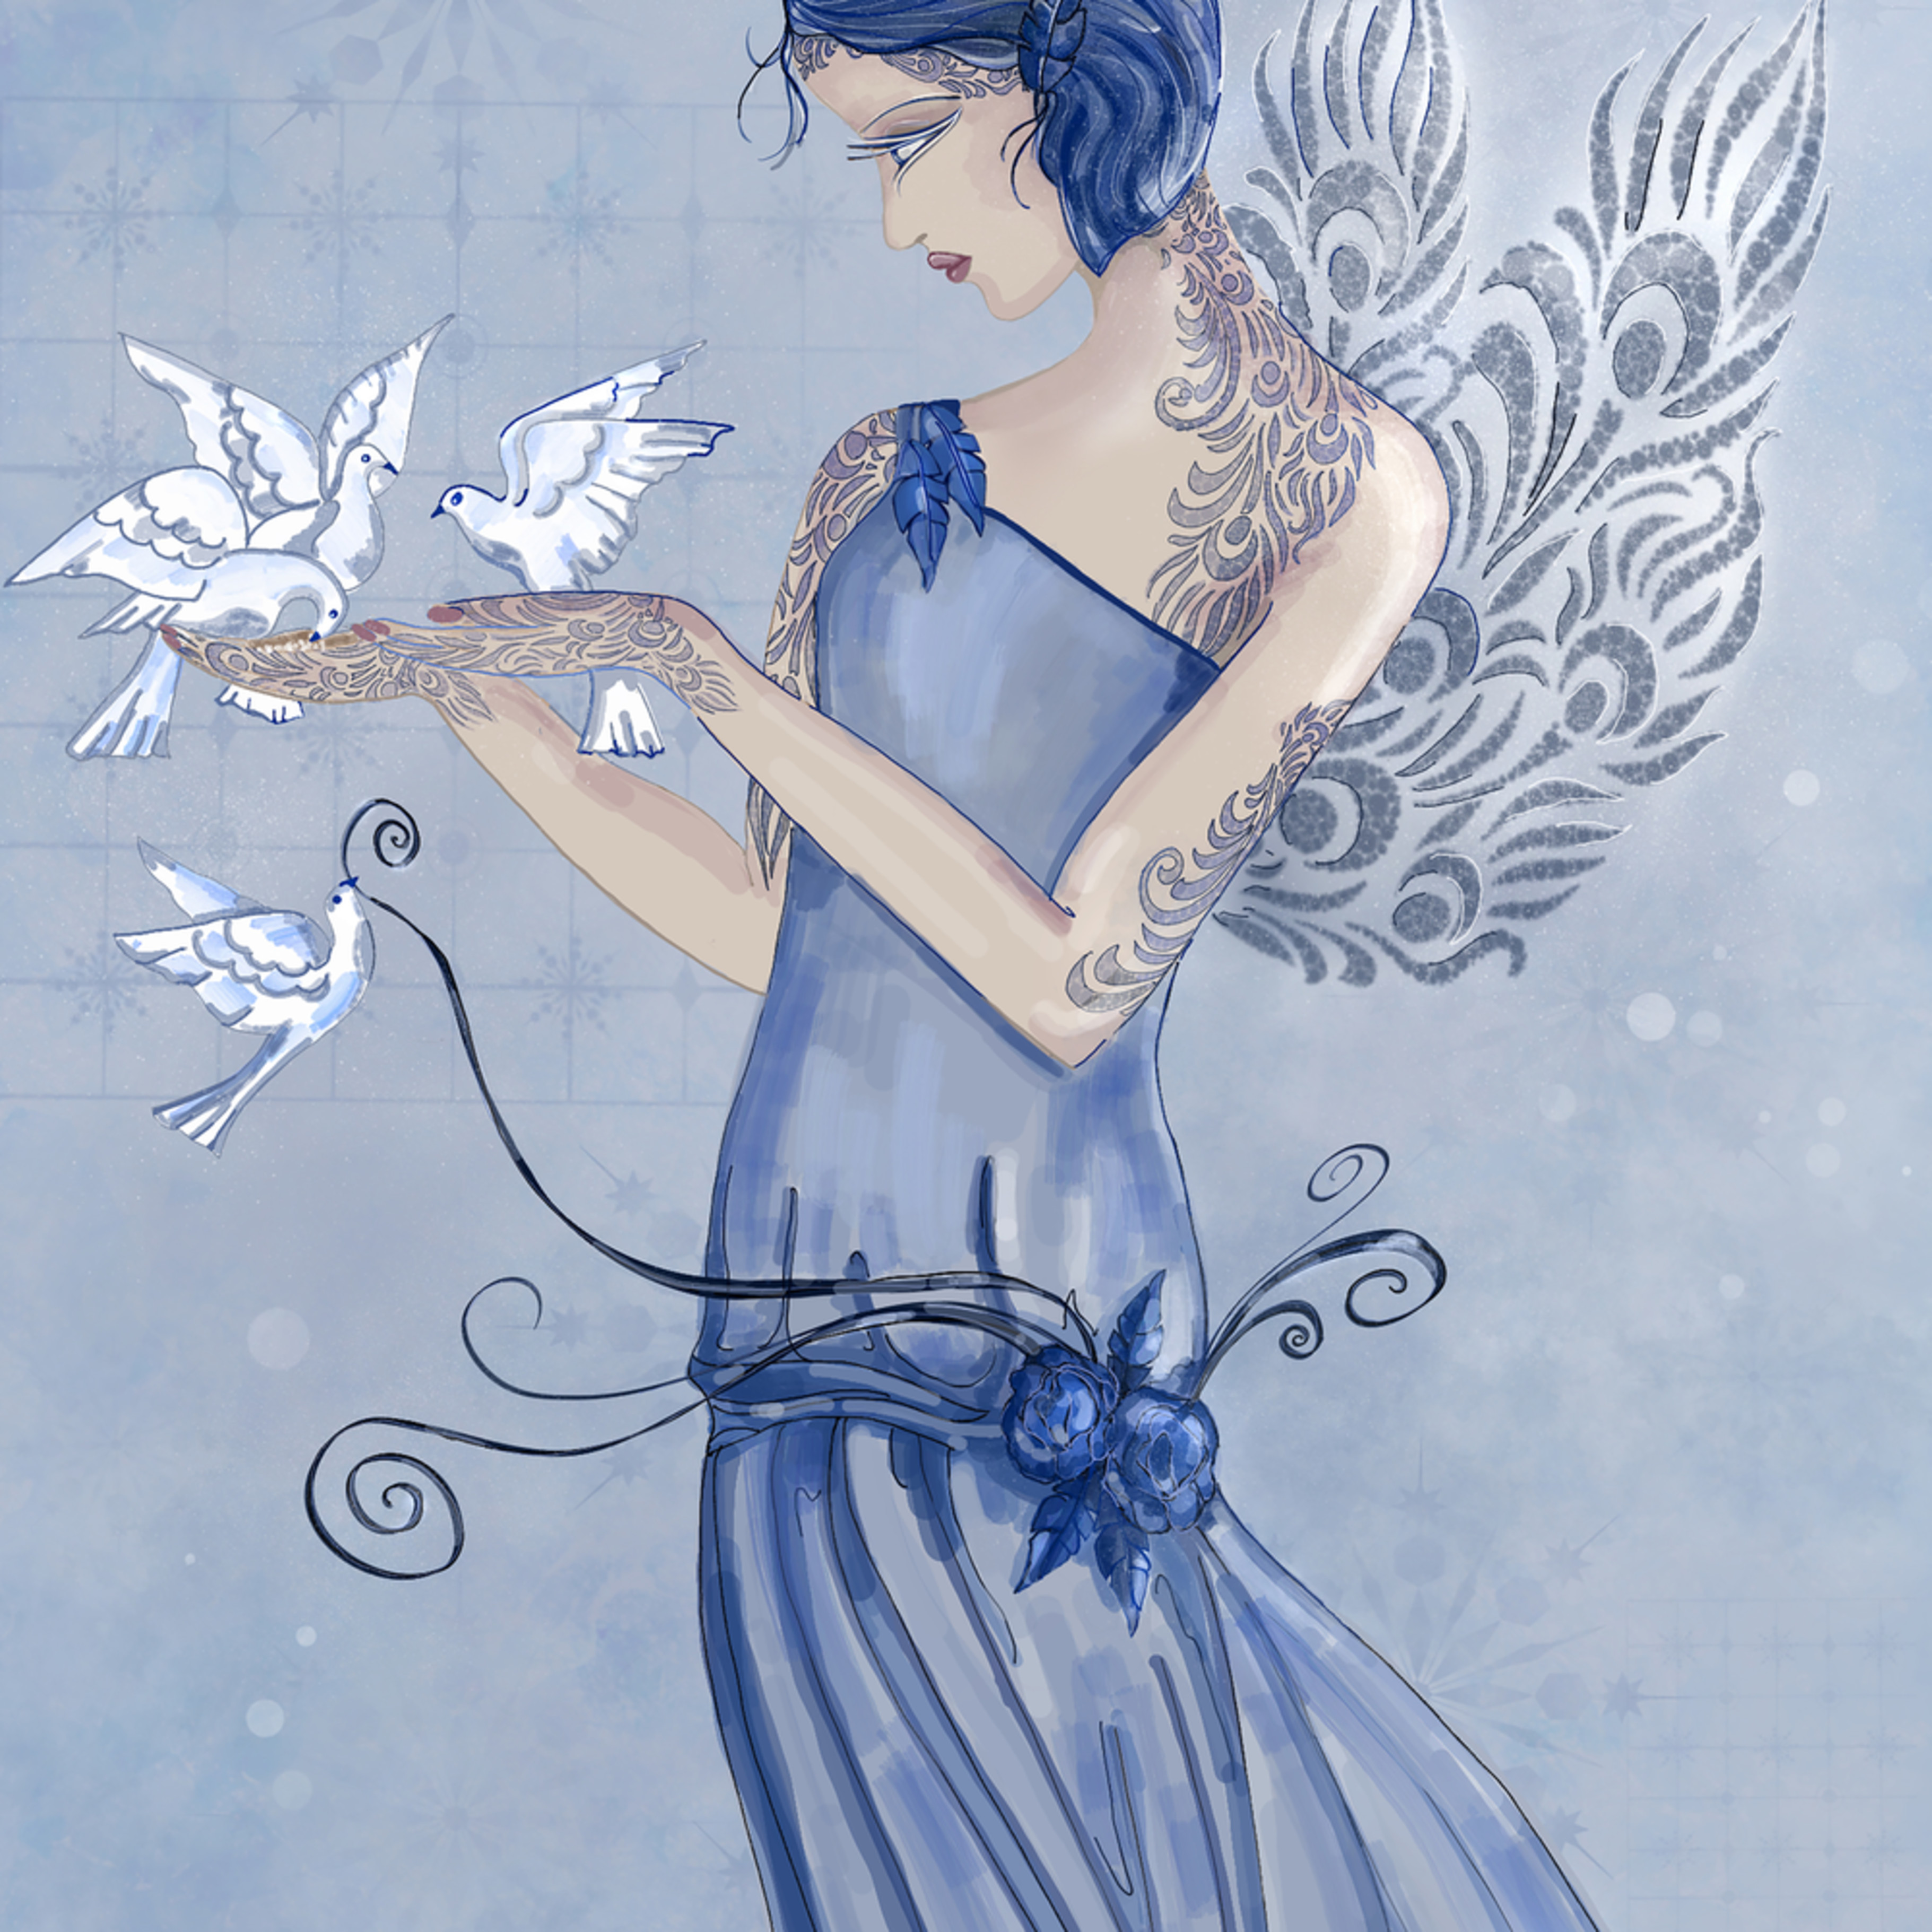 Winter fairy immnon